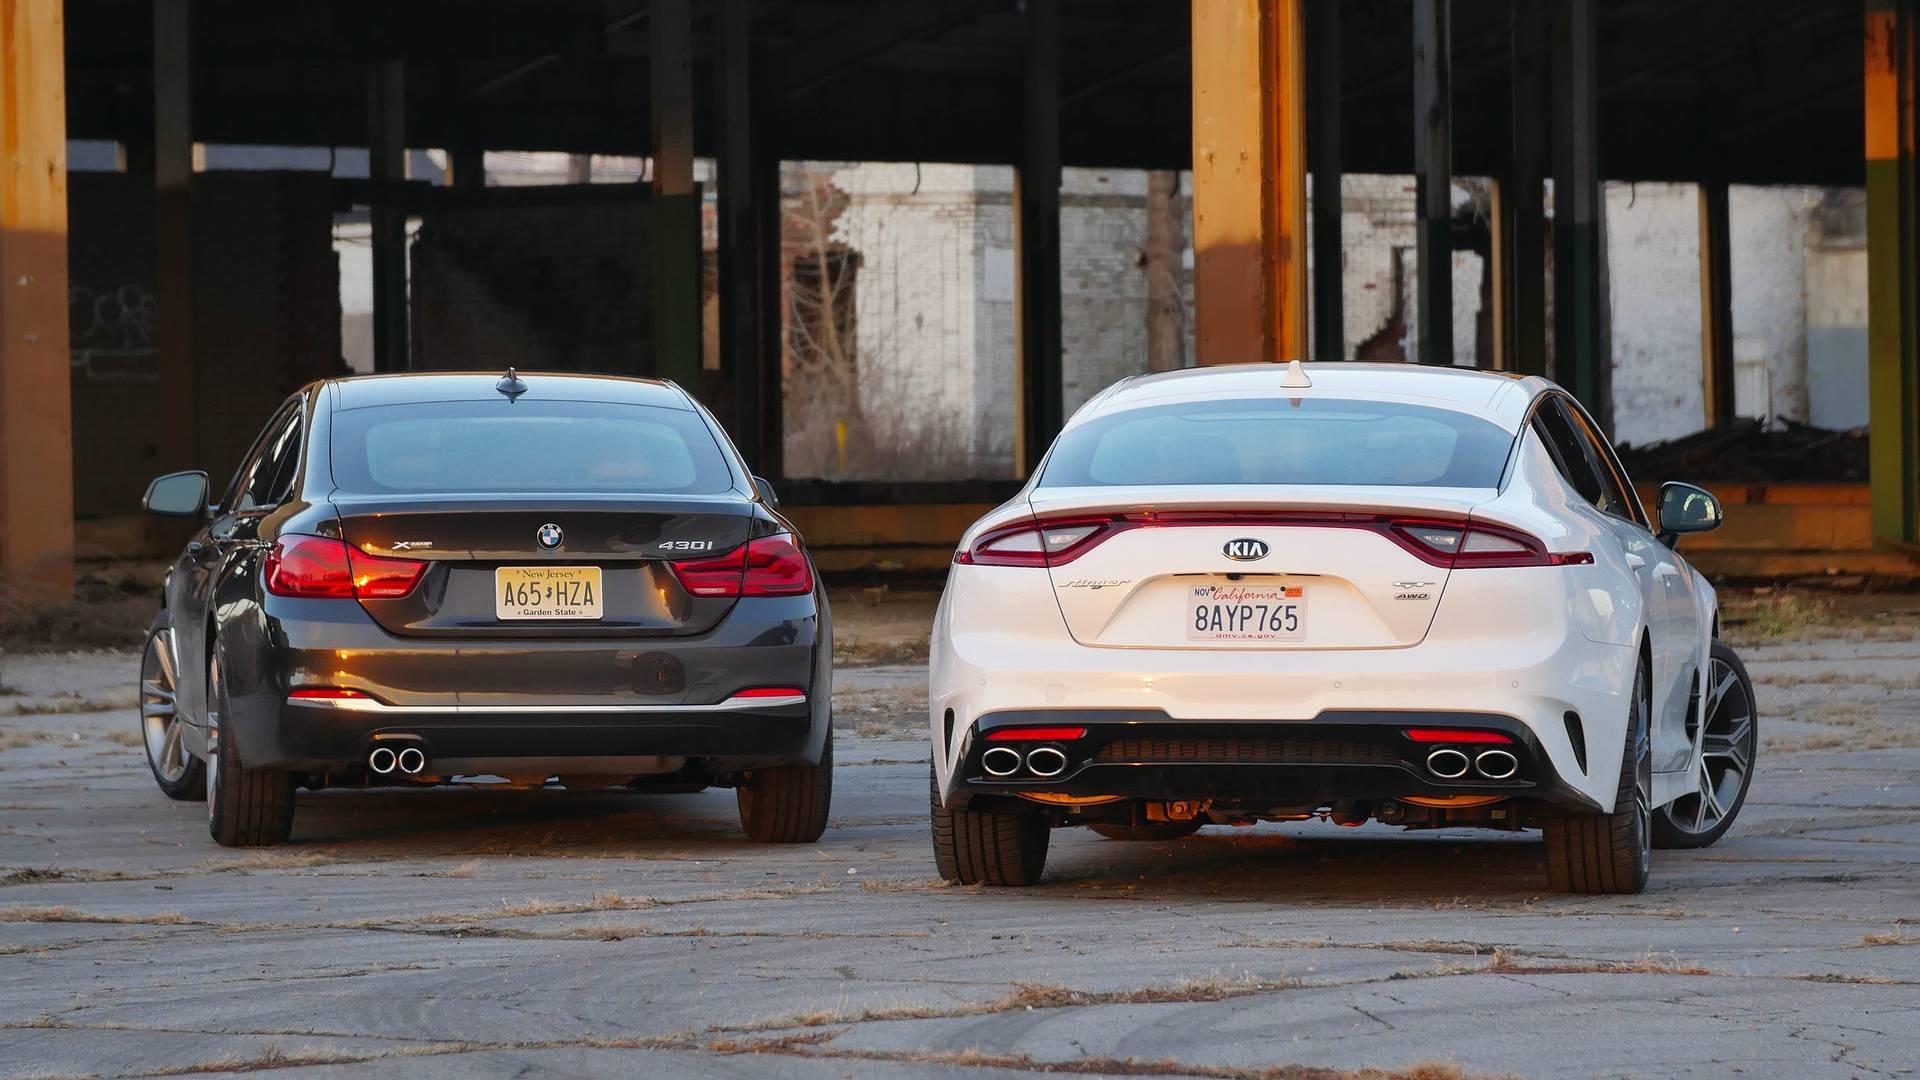 بی ام و 430i گرن کوپهدر مقابل کیا استینگر - اجاره ماشین - اجاره خودرو - کرایه ماشین